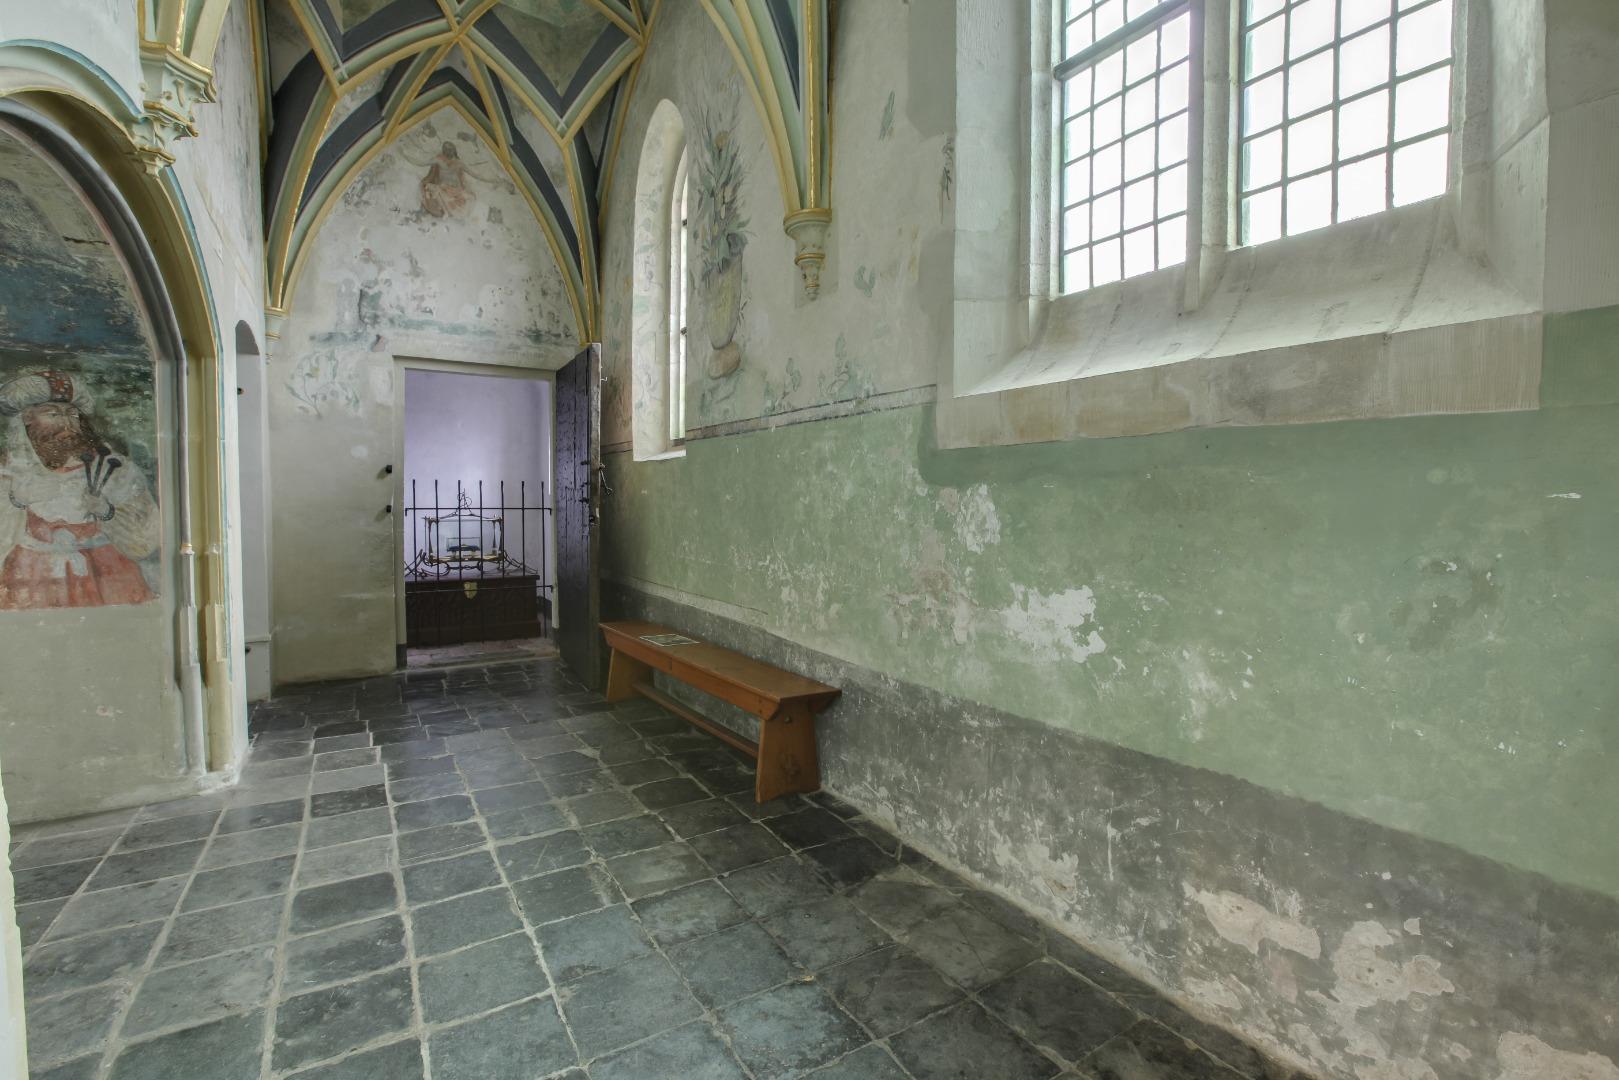 Stevenskerk Heilige grafkapel - © Patrick van Bree